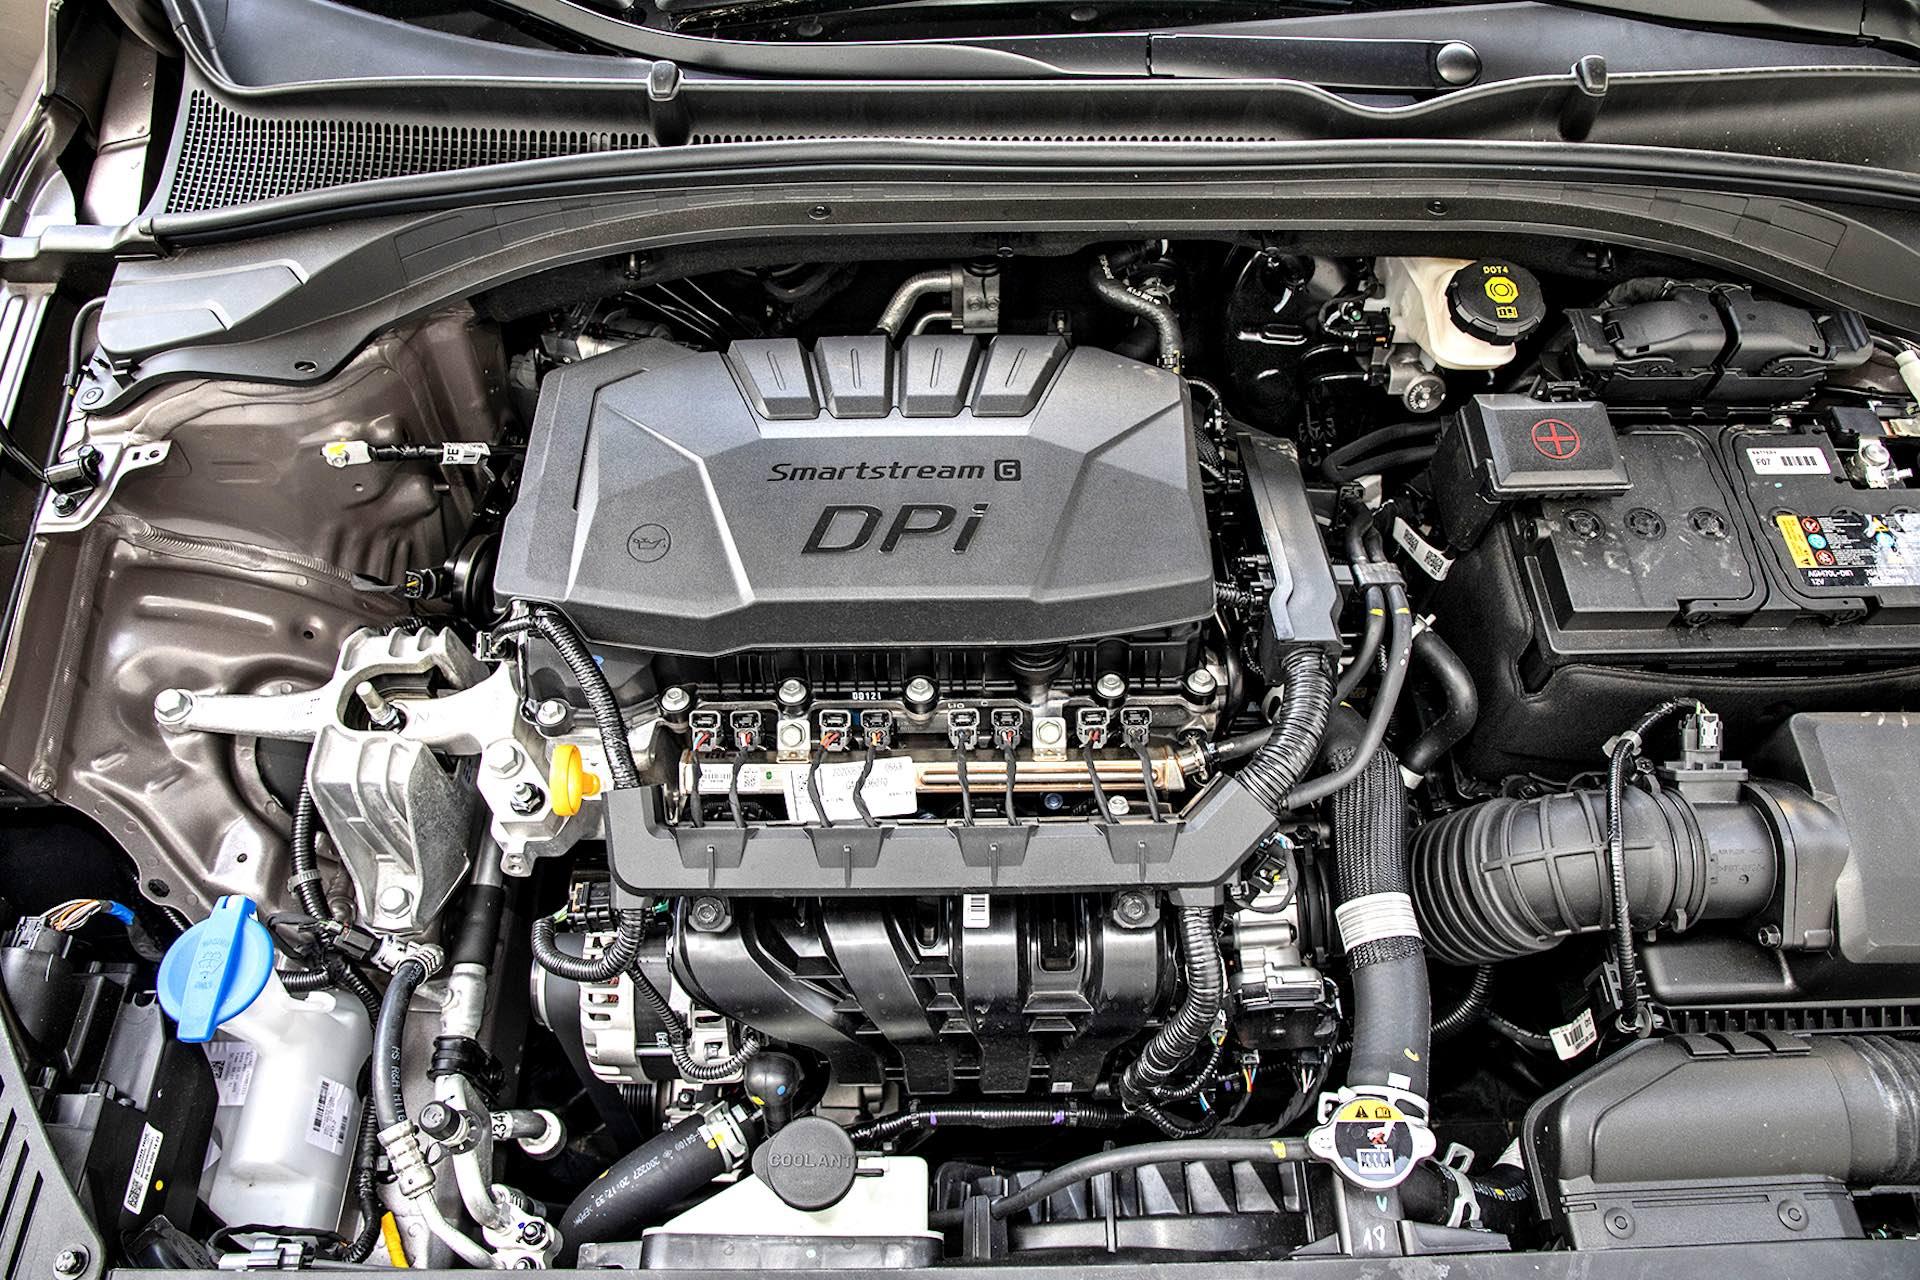 Hyundai i30_1.5 DPI_012